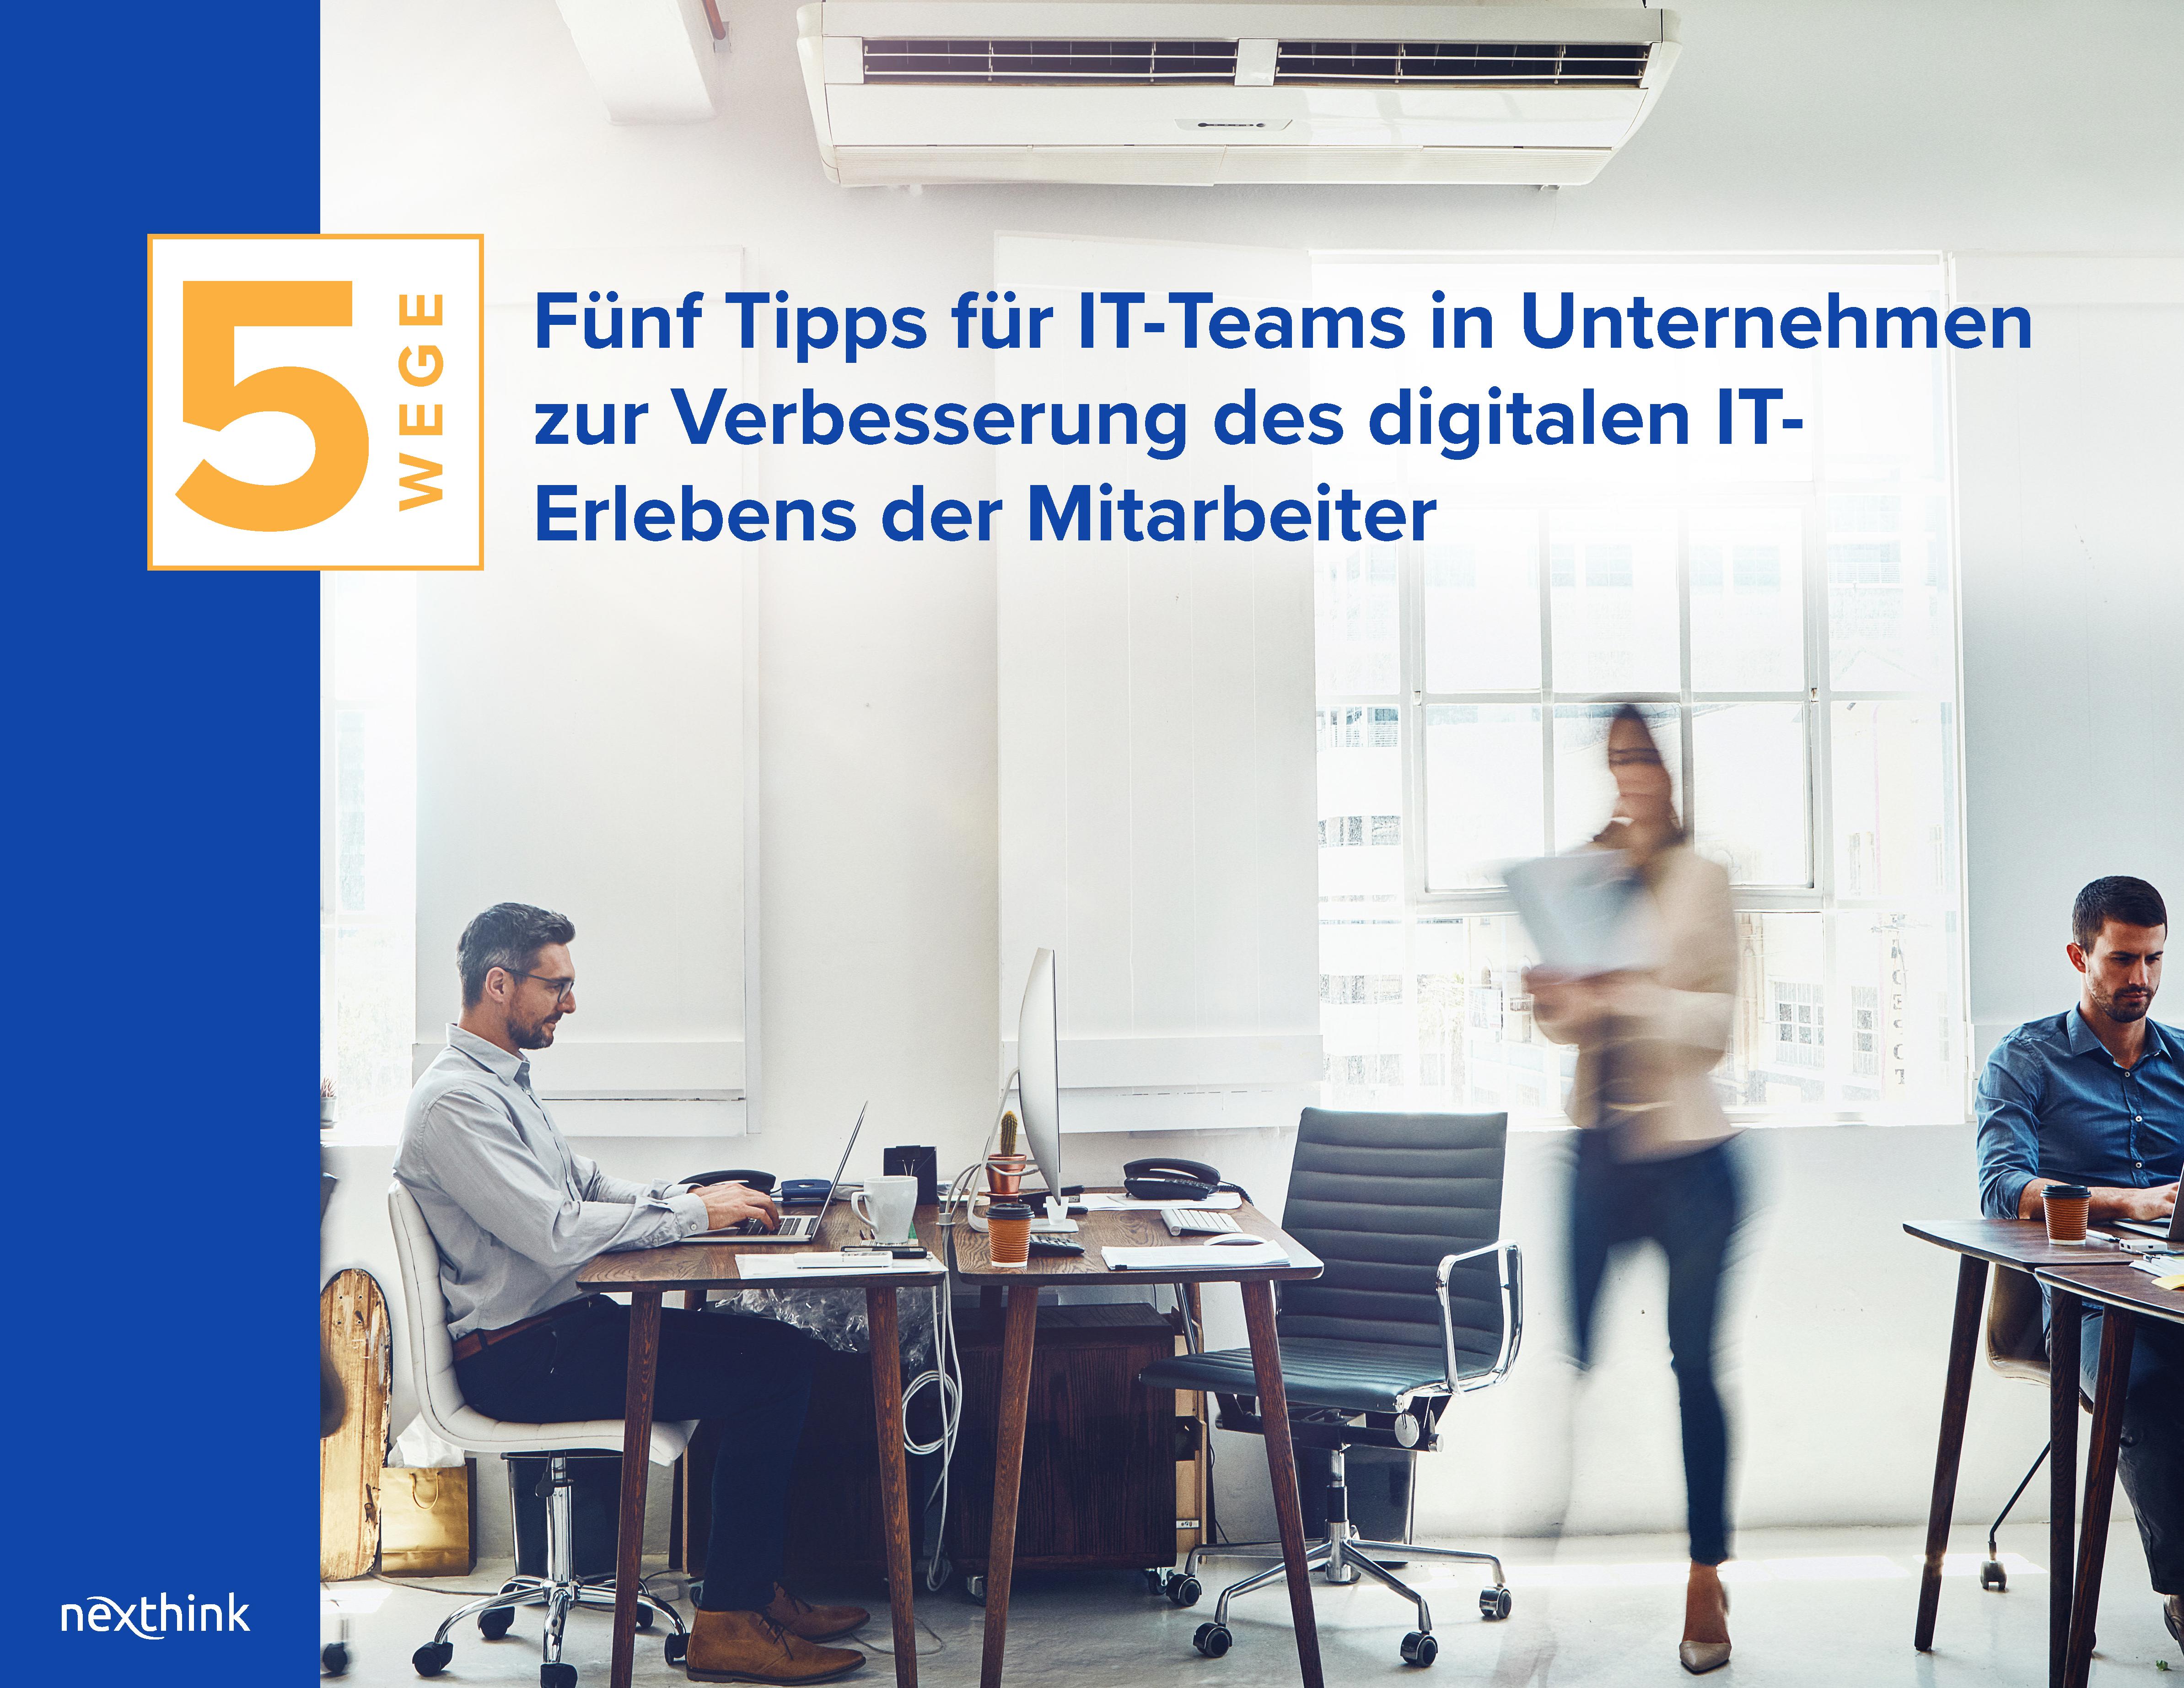 Fünf Tipps zur Verbesserung des digitalen IT-Erlebens von Mitarbeitern